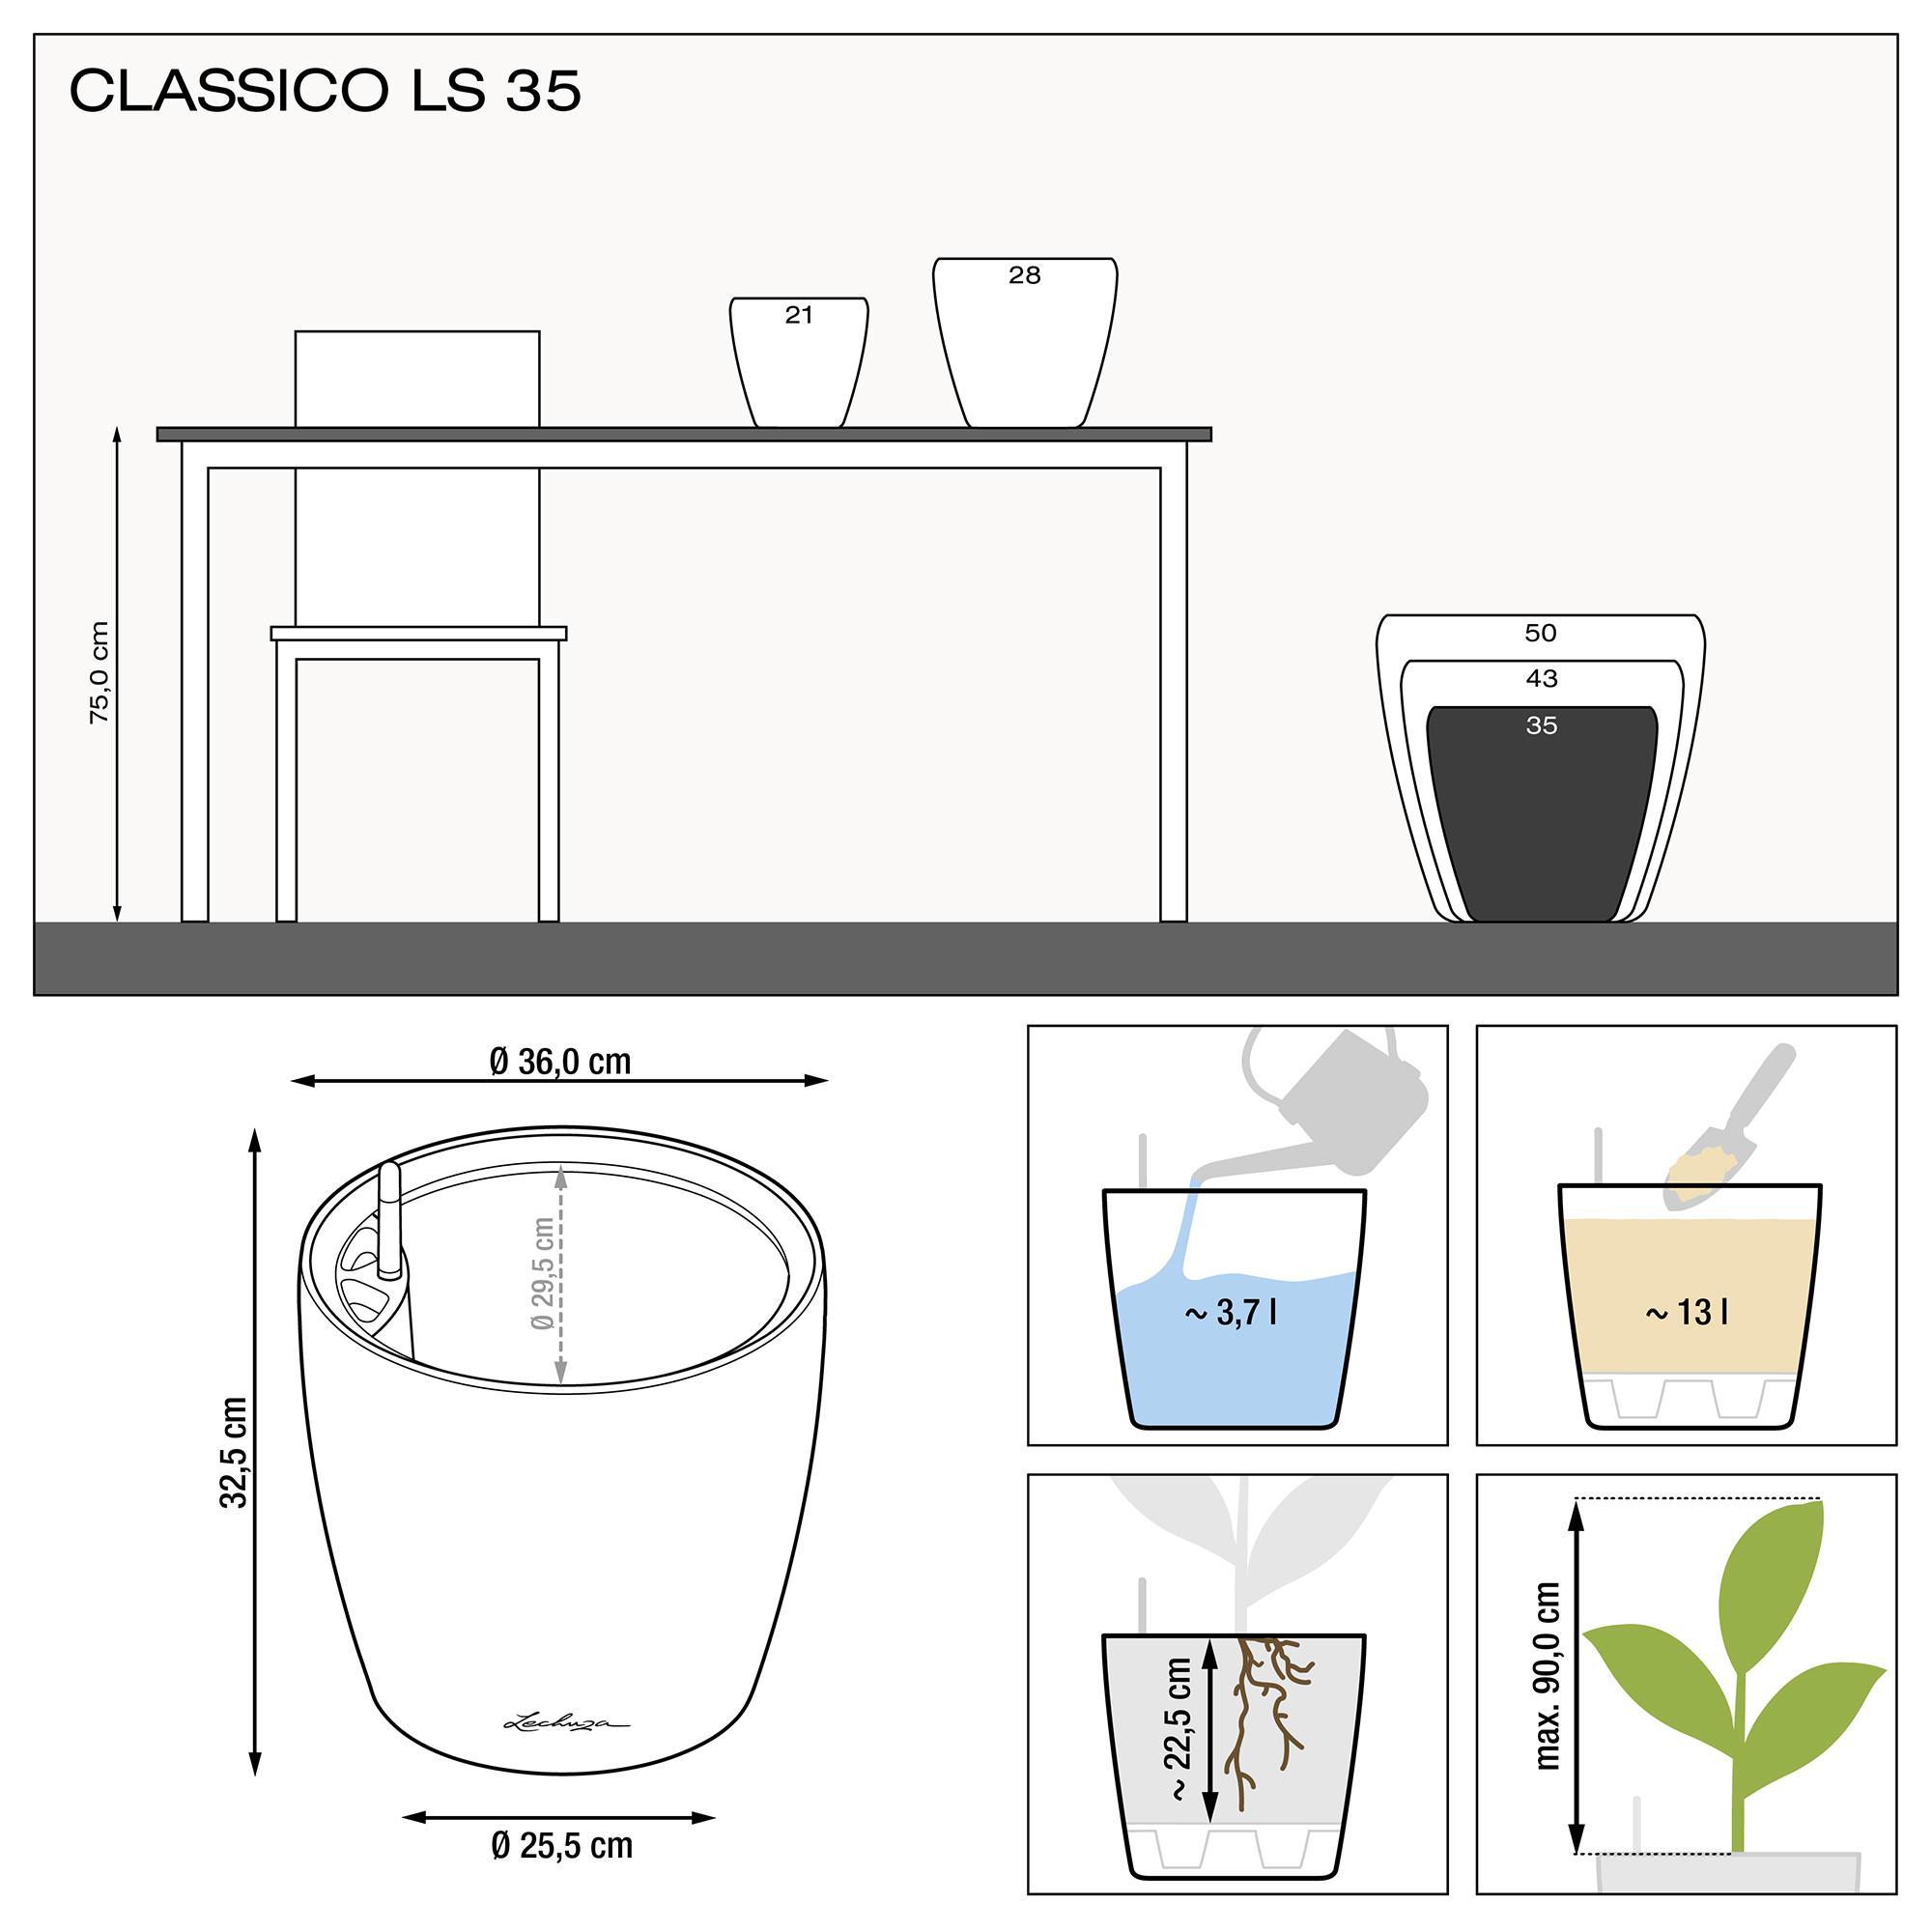 CLASSICO LS 35 серо-коричневый блестящий - изображение 3